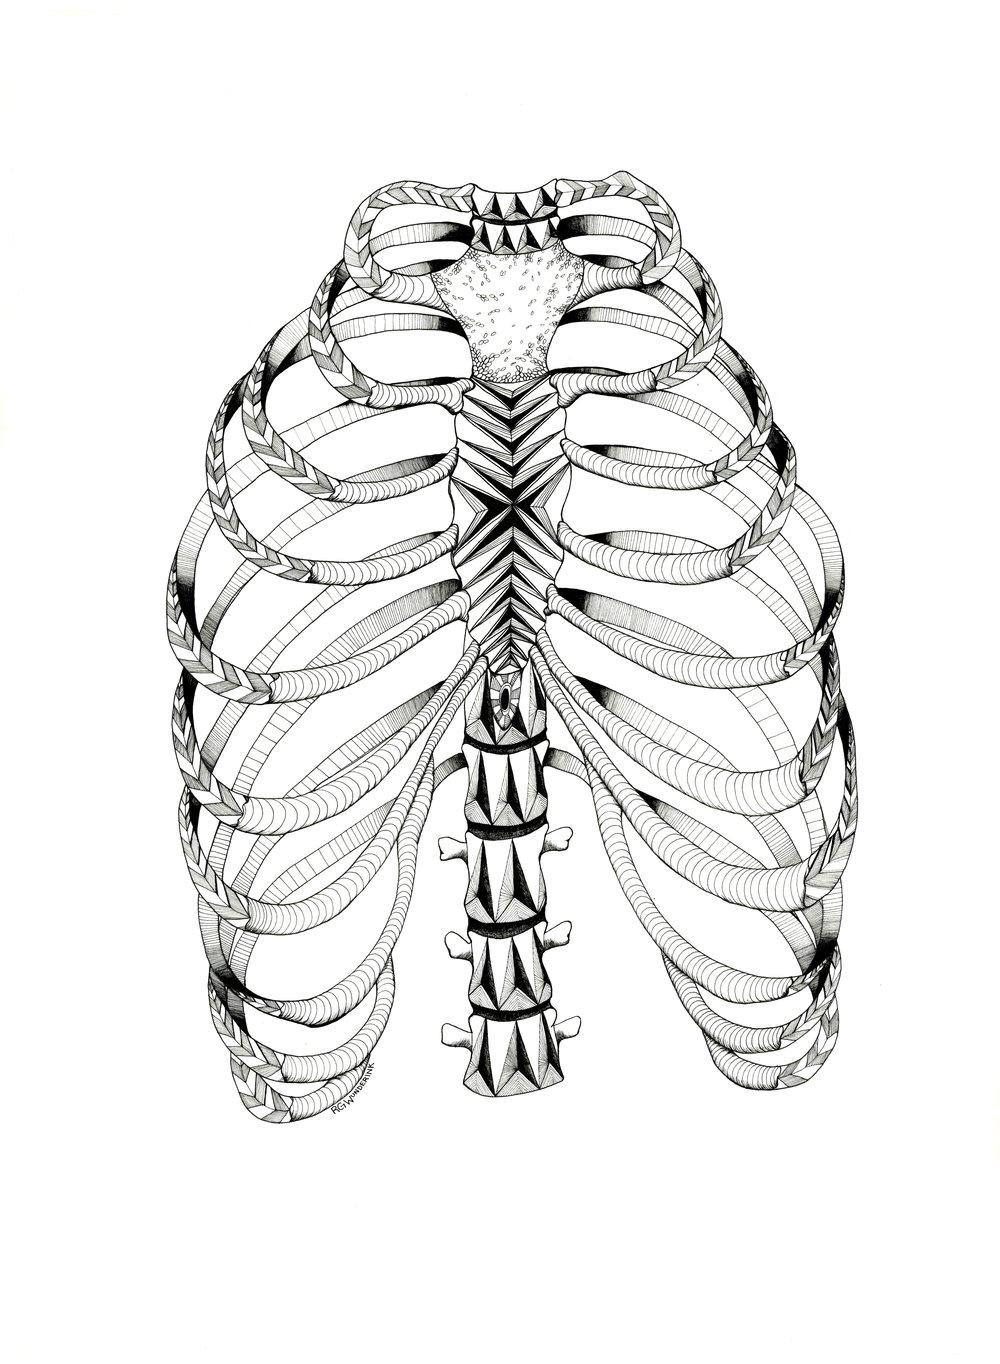 1000x1364 Anatomy Series R.g.wunderink